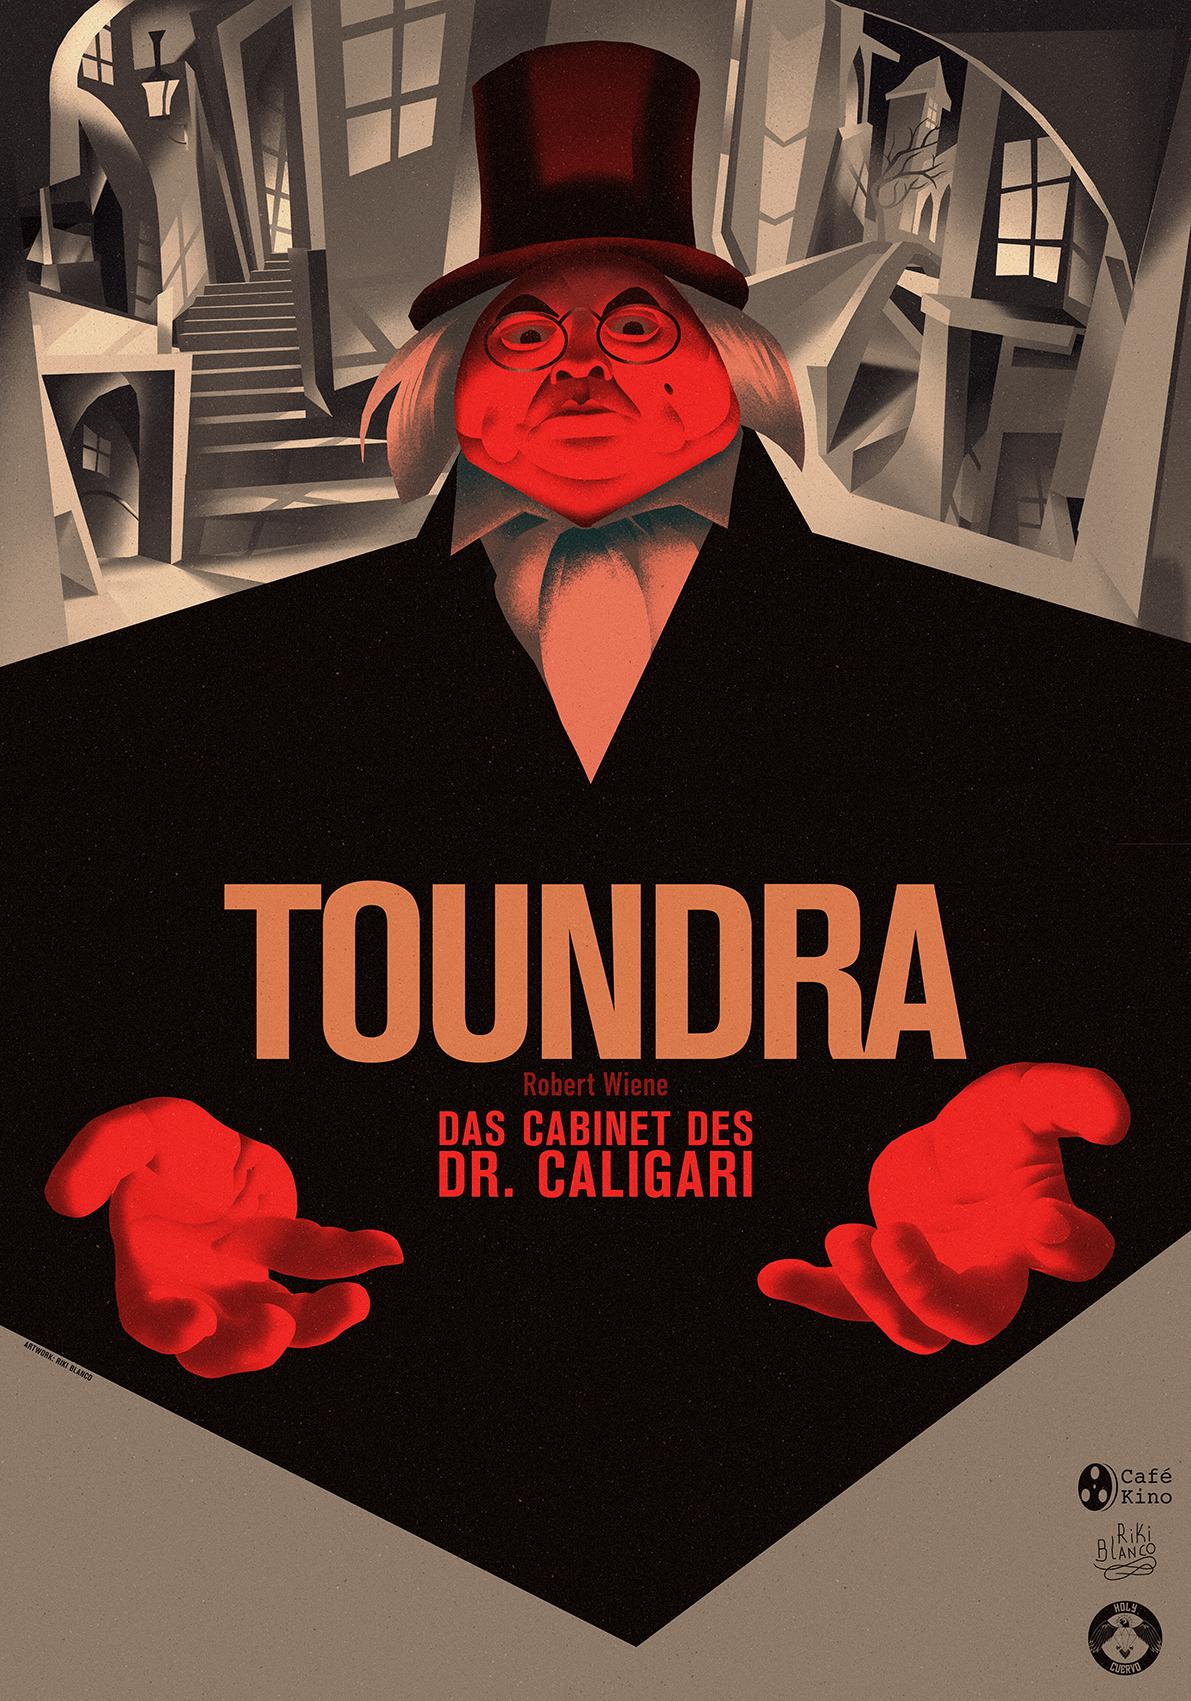 poster_toundra_baja_af